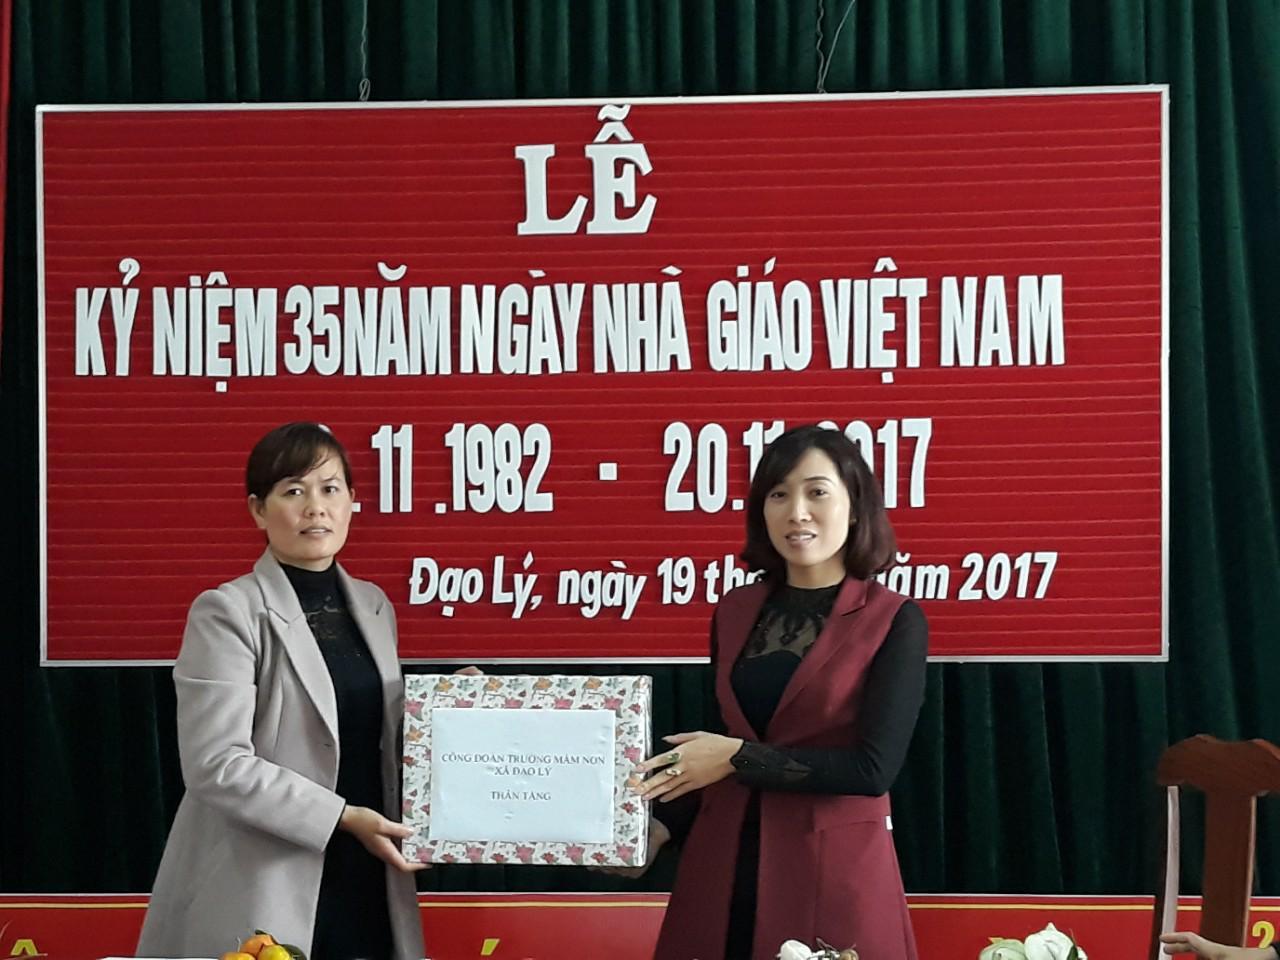 Ngày ngày giáo Việt Nam 20/11 năm học 2017-2018